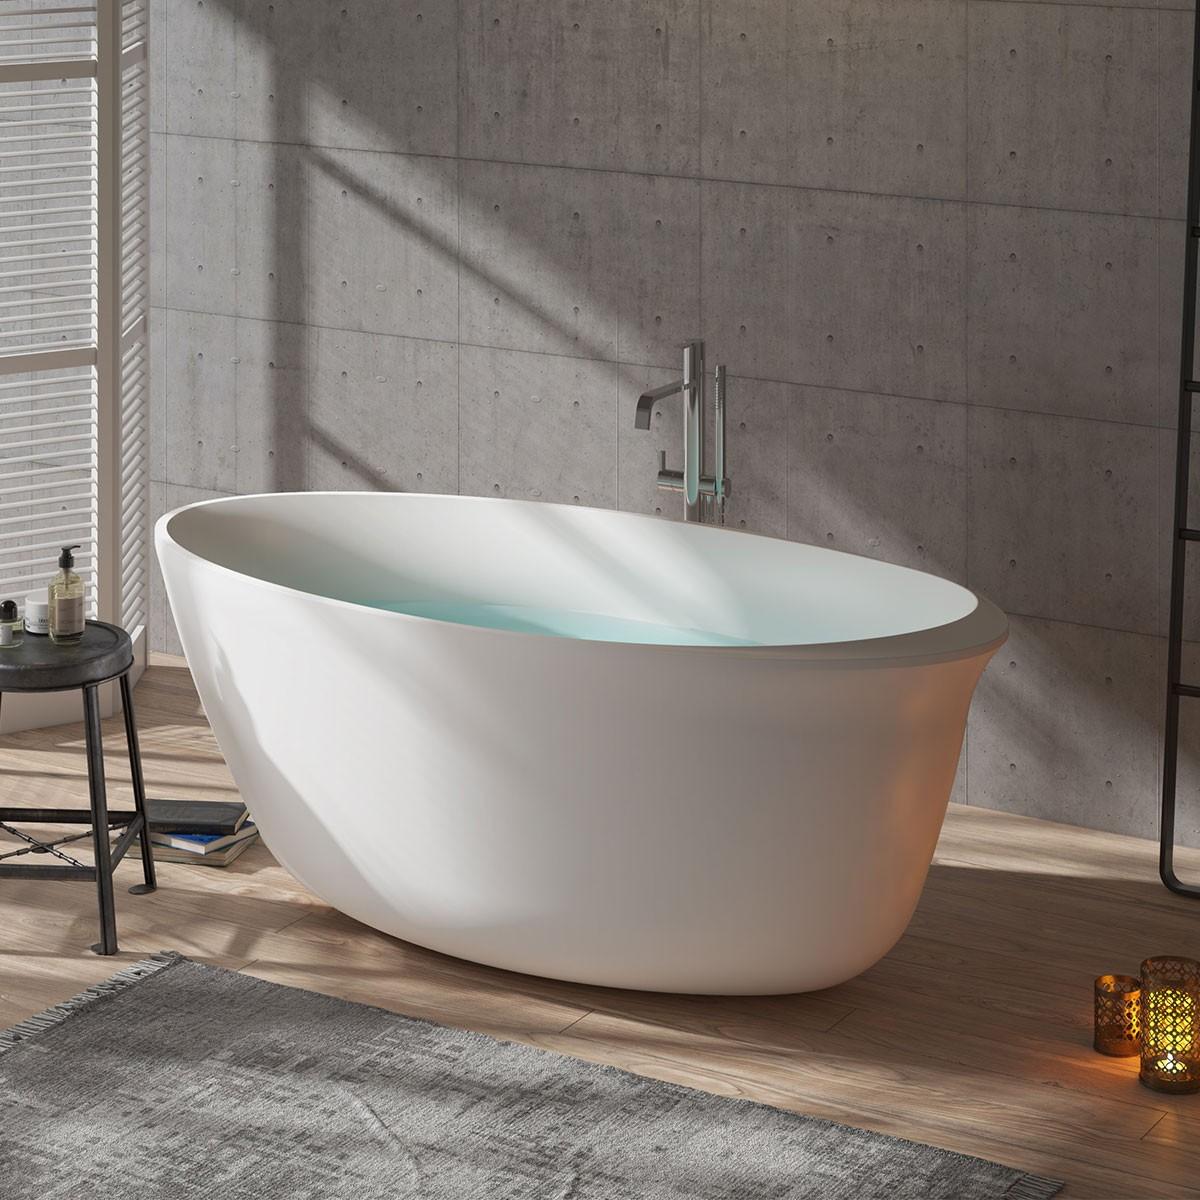 BATHPRO 59 Po Baignoire Autoportante Haut de Gamme - Acrylique Blanc Mat (DK-MF-125573)